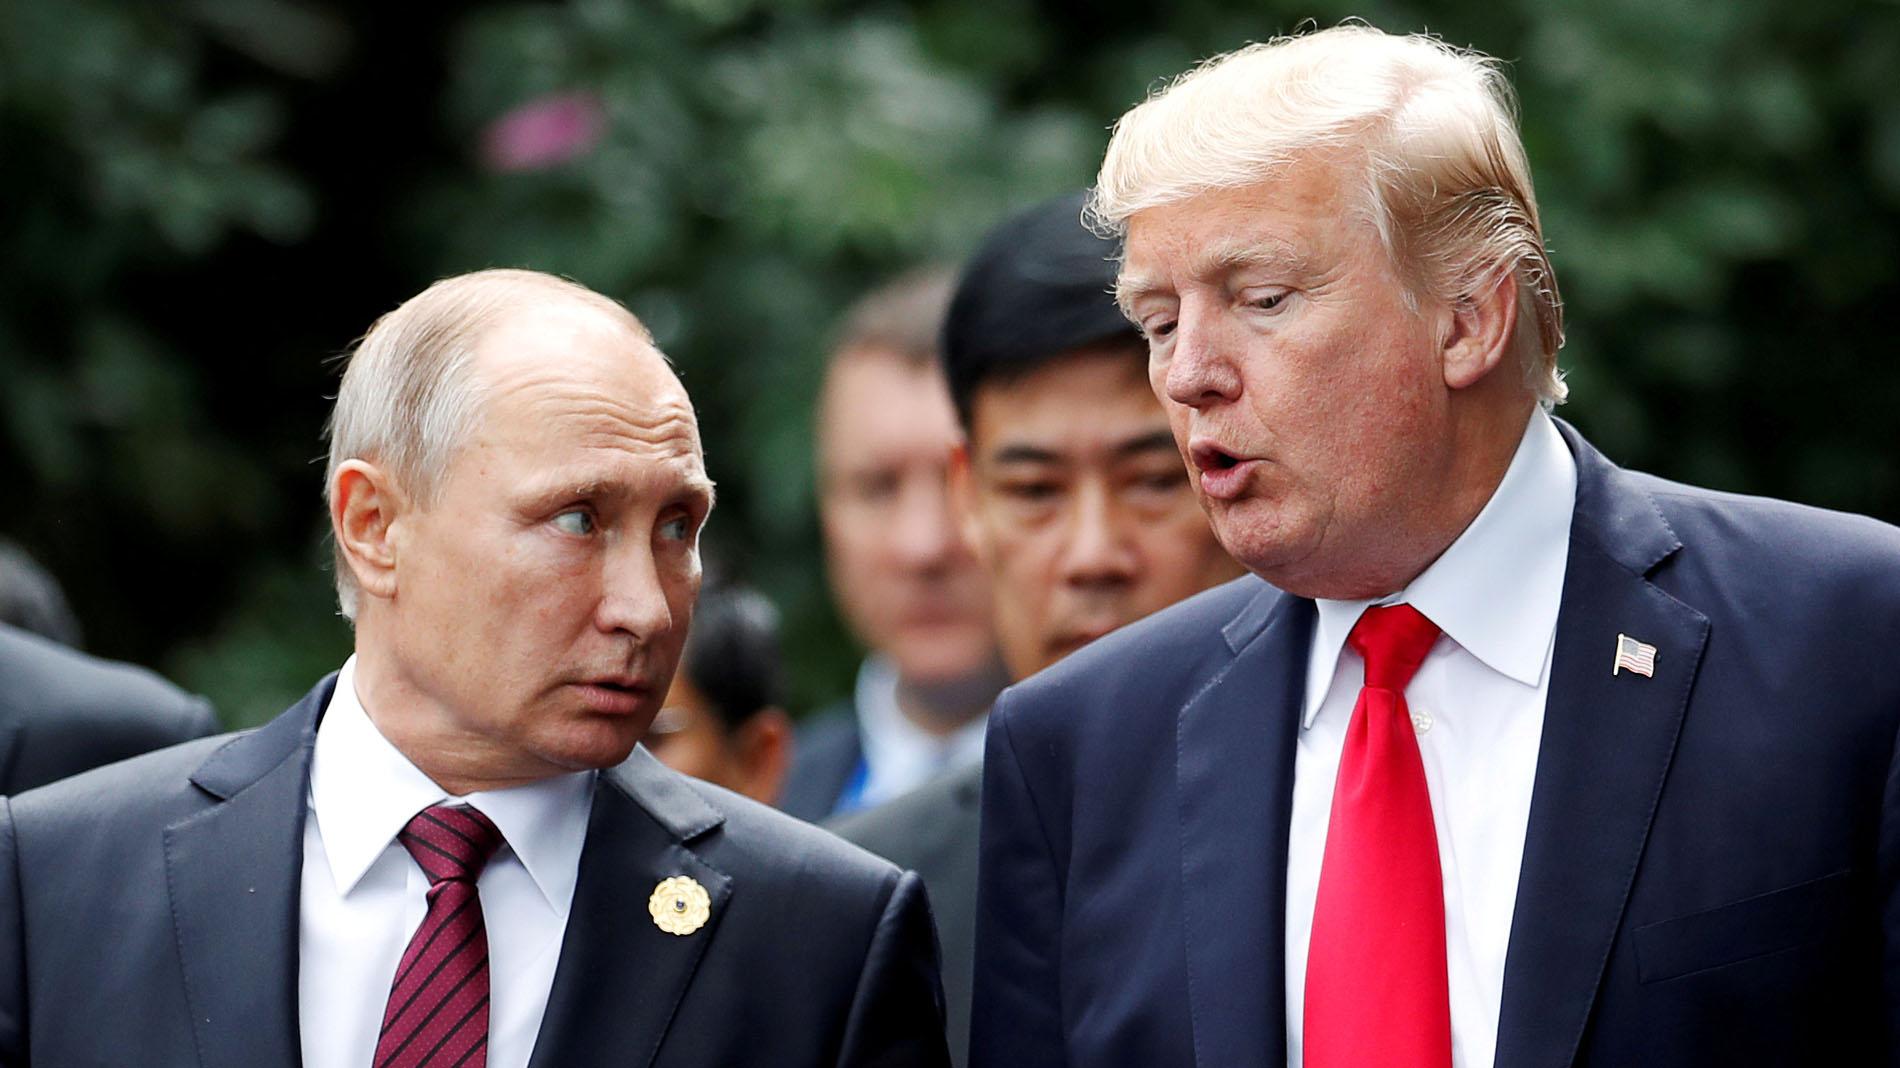 La trama rusa acecha la cumbre entre Trump y Putin